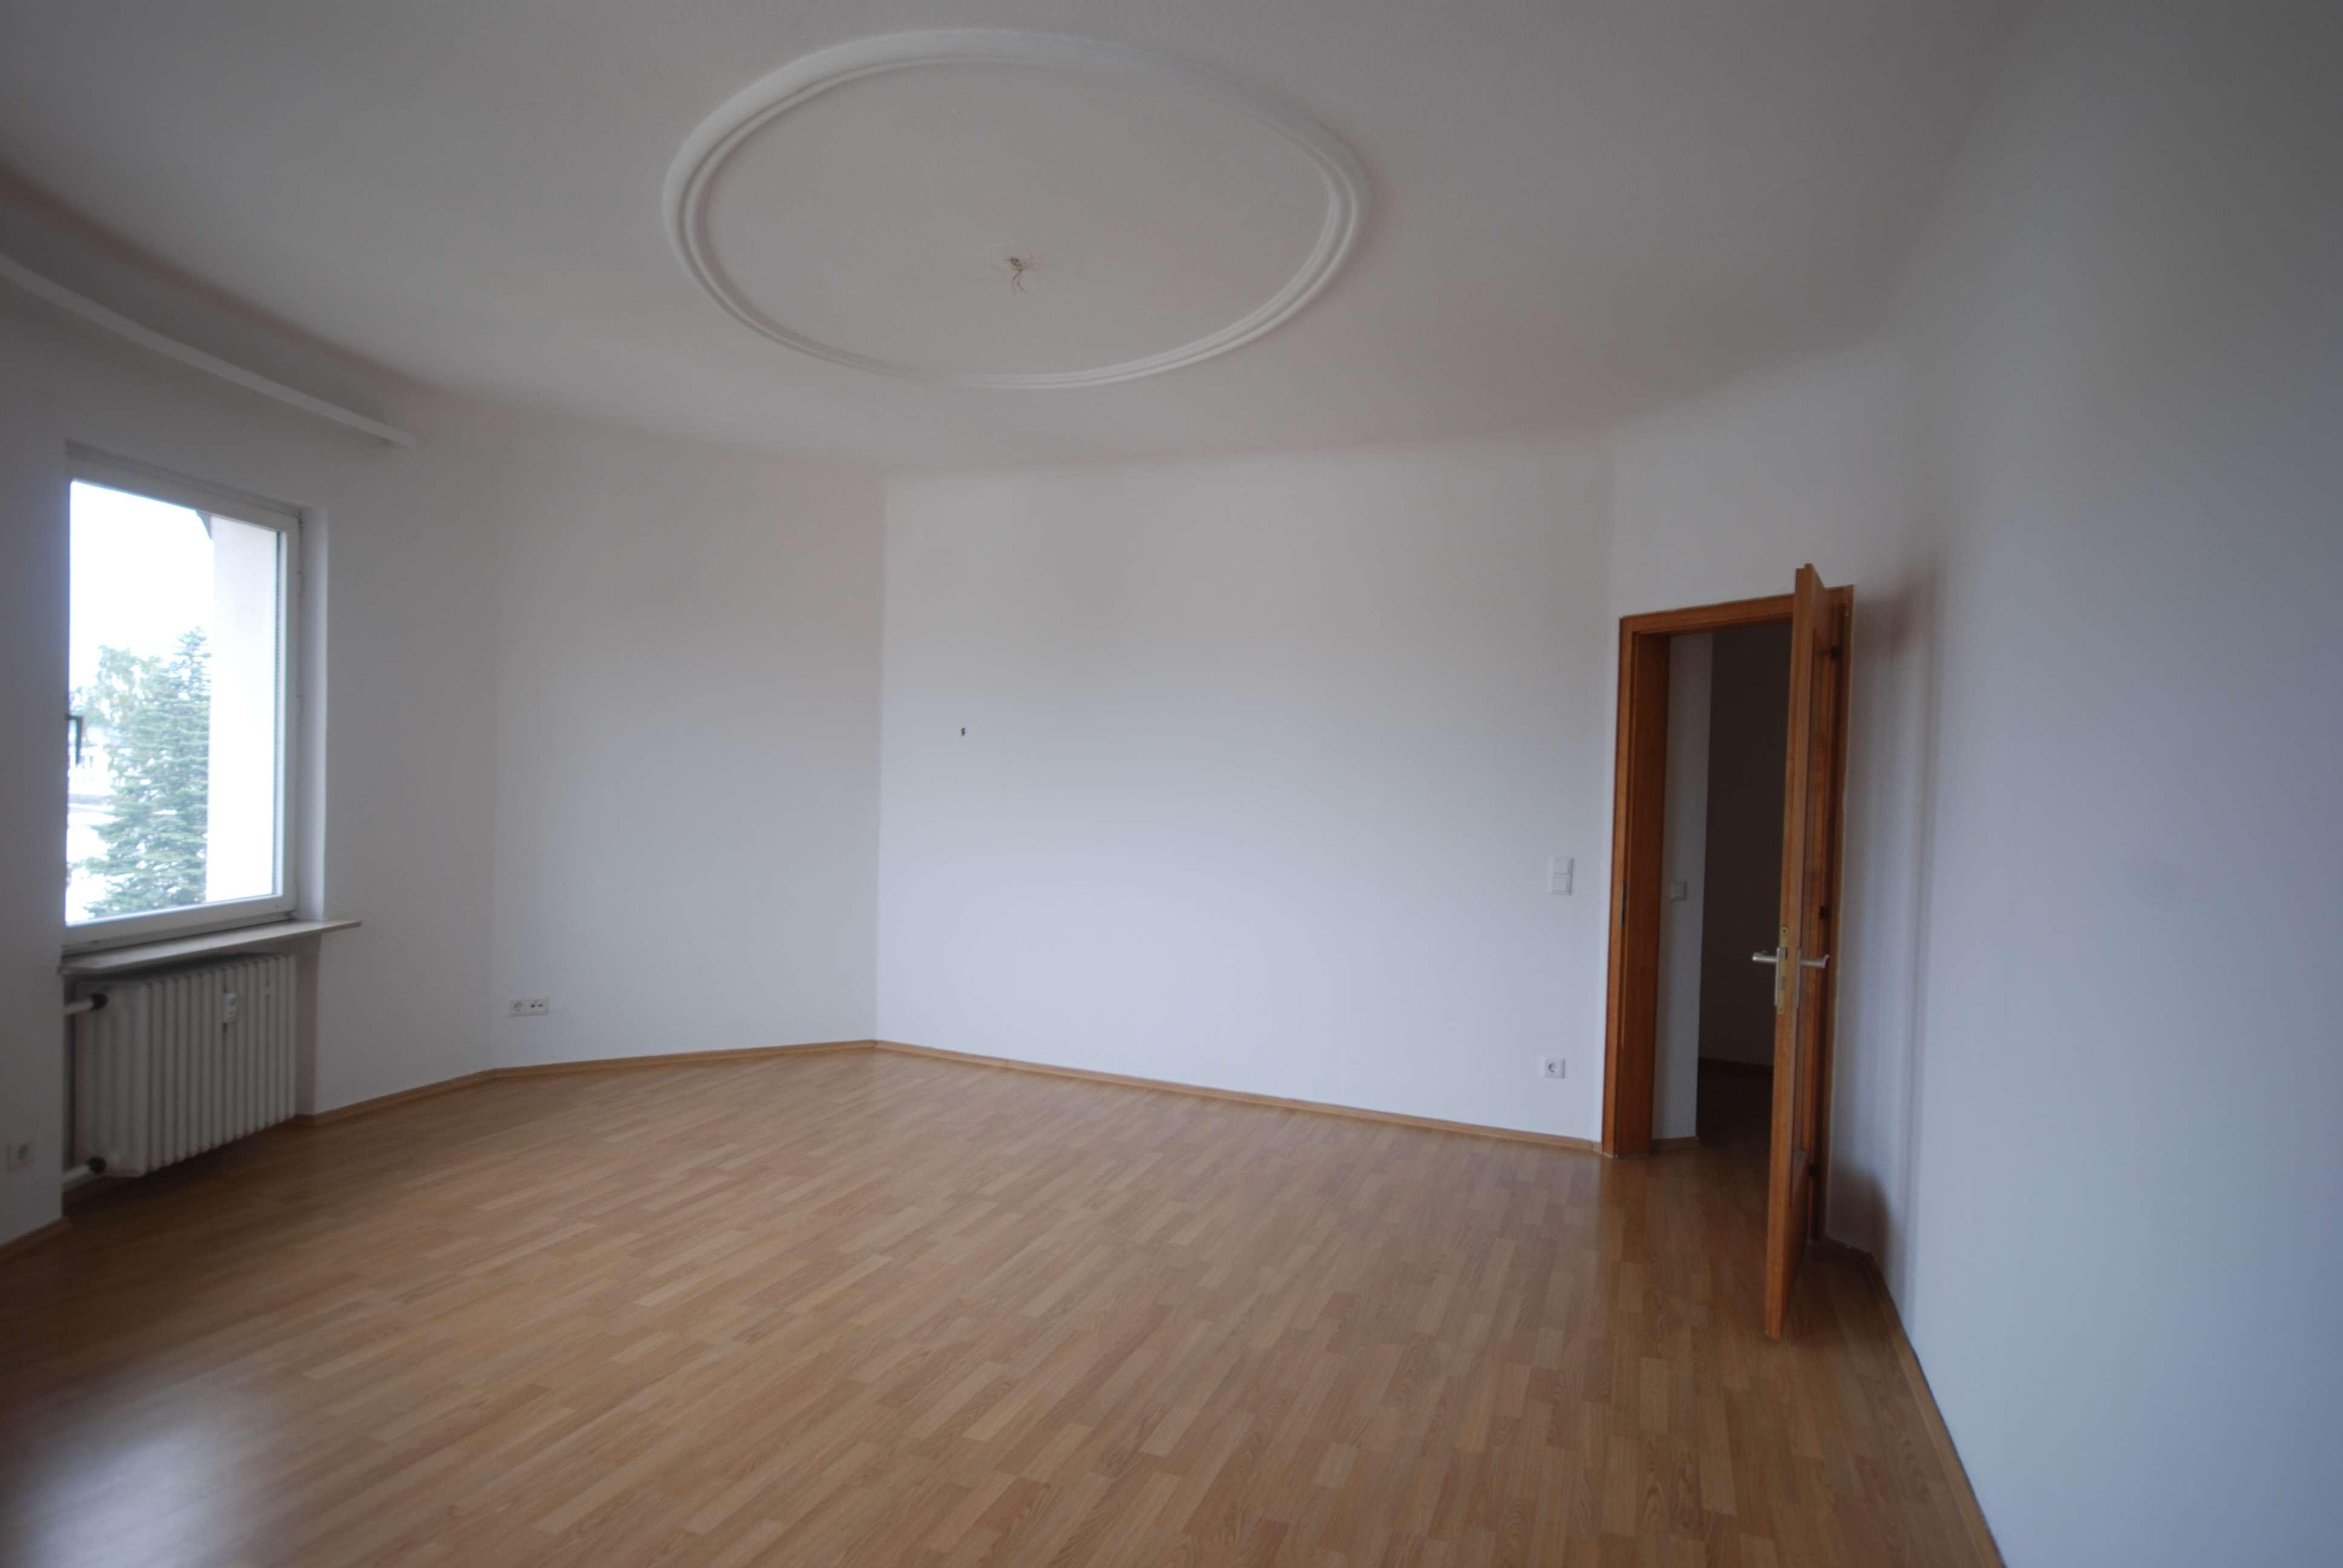 Schmuckstück in Mögeldorf - lichtdurchflutete 3 Zimmer Altbauwohnung! in Mögeldorf (Nürnberg)